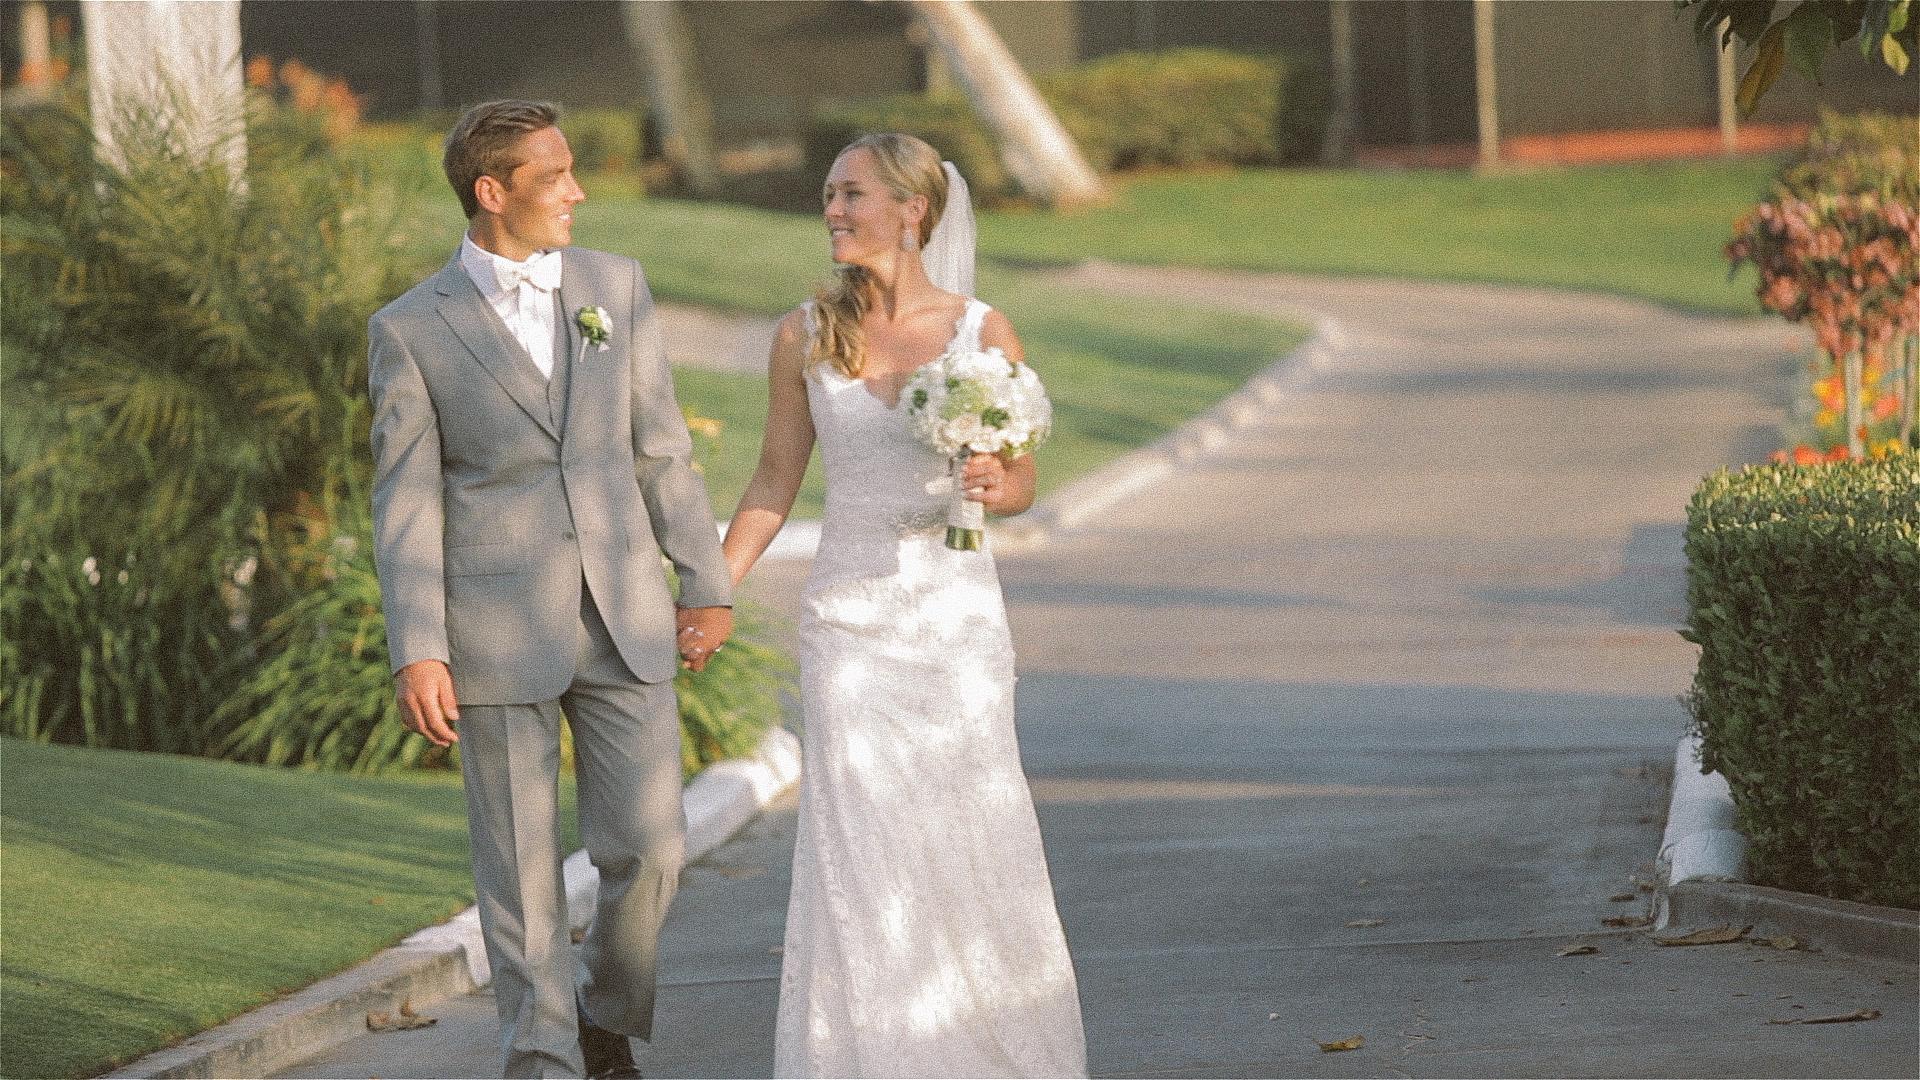 Bride and groom walking at Lomas Santa Fe Country Club